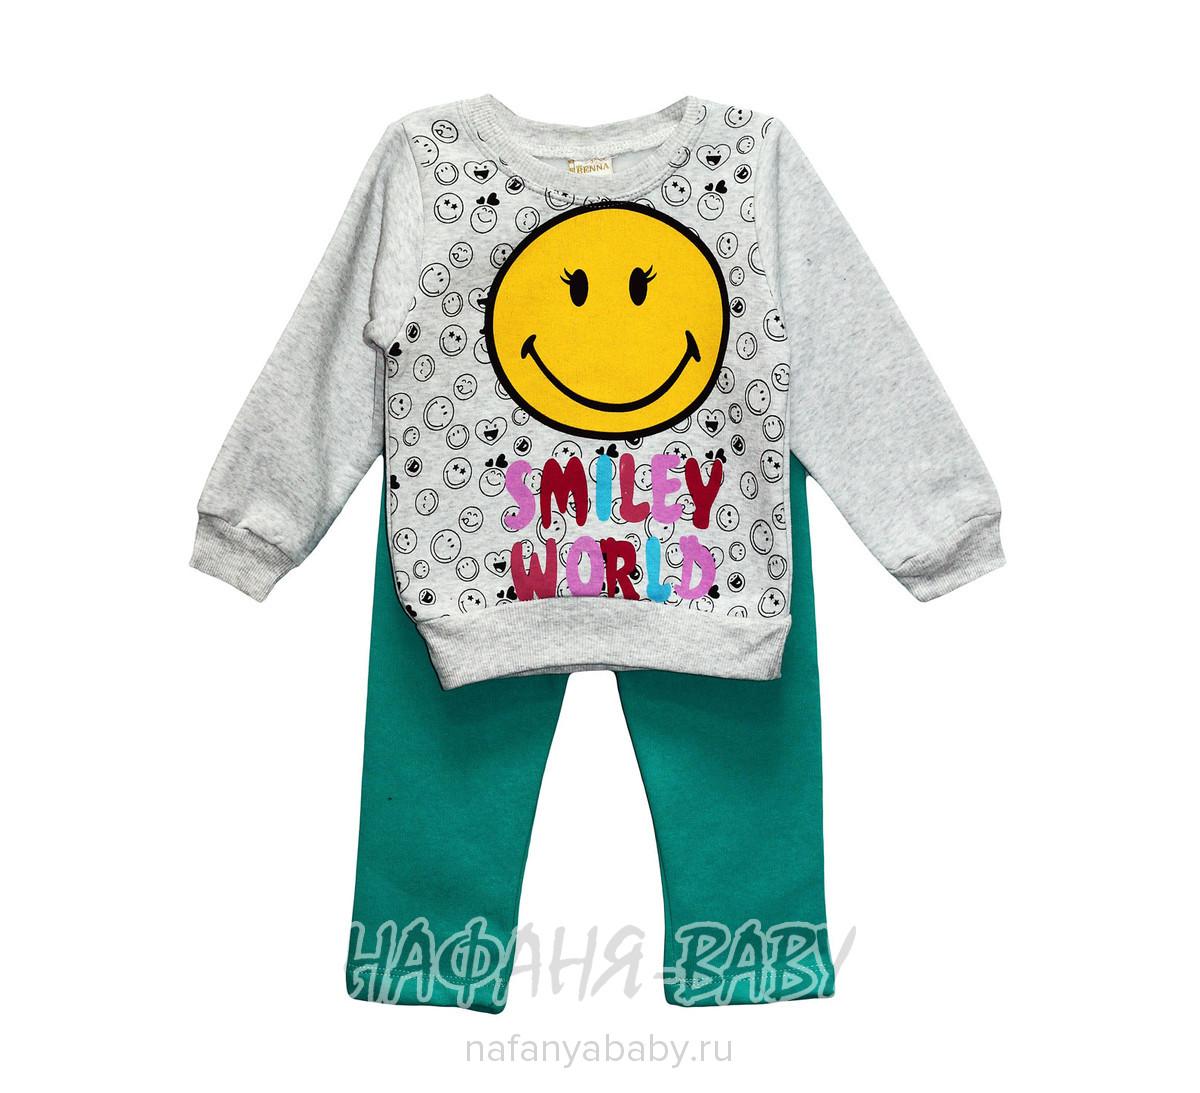 Детский костюм BENNA арт: 445, 1-4 года, цвет бирюзовый, оптом Турция